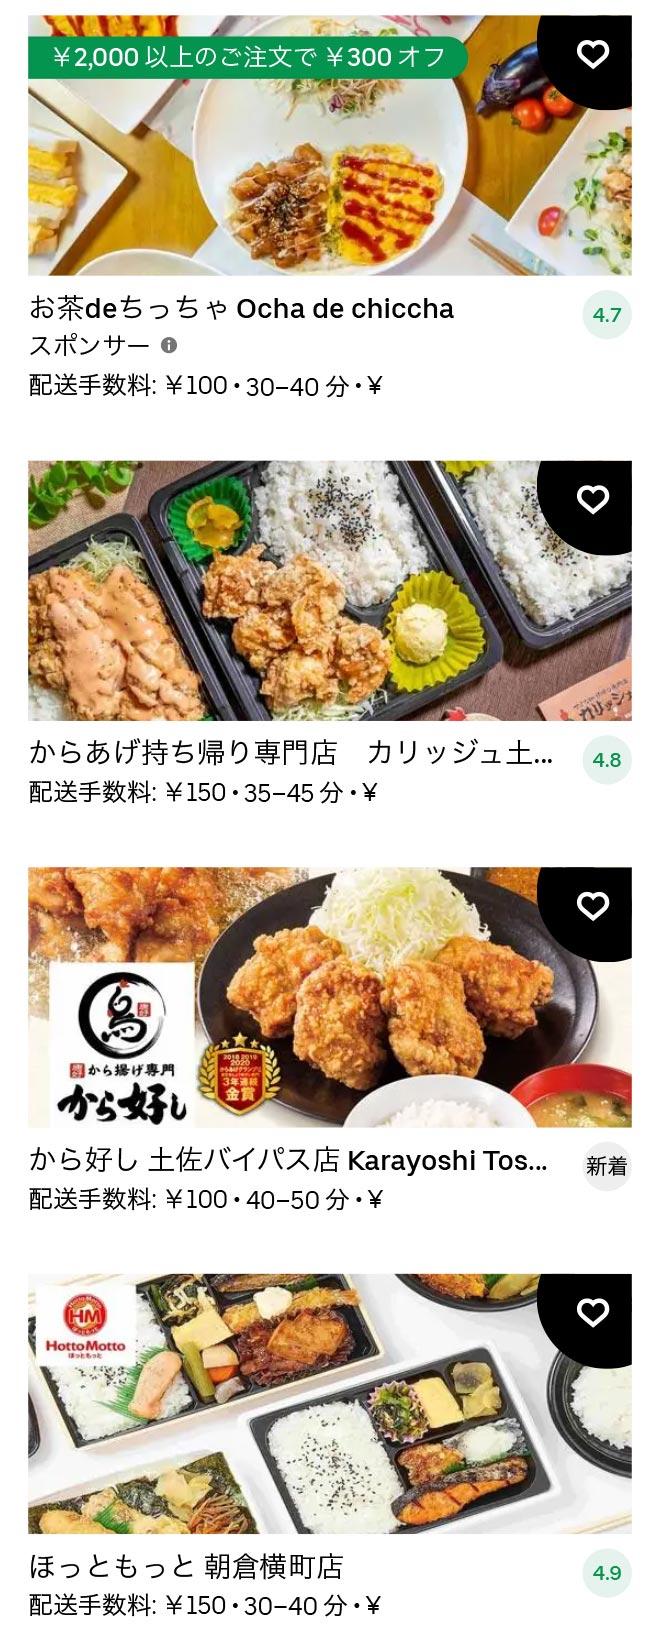 U kouchi asahi 2103 01